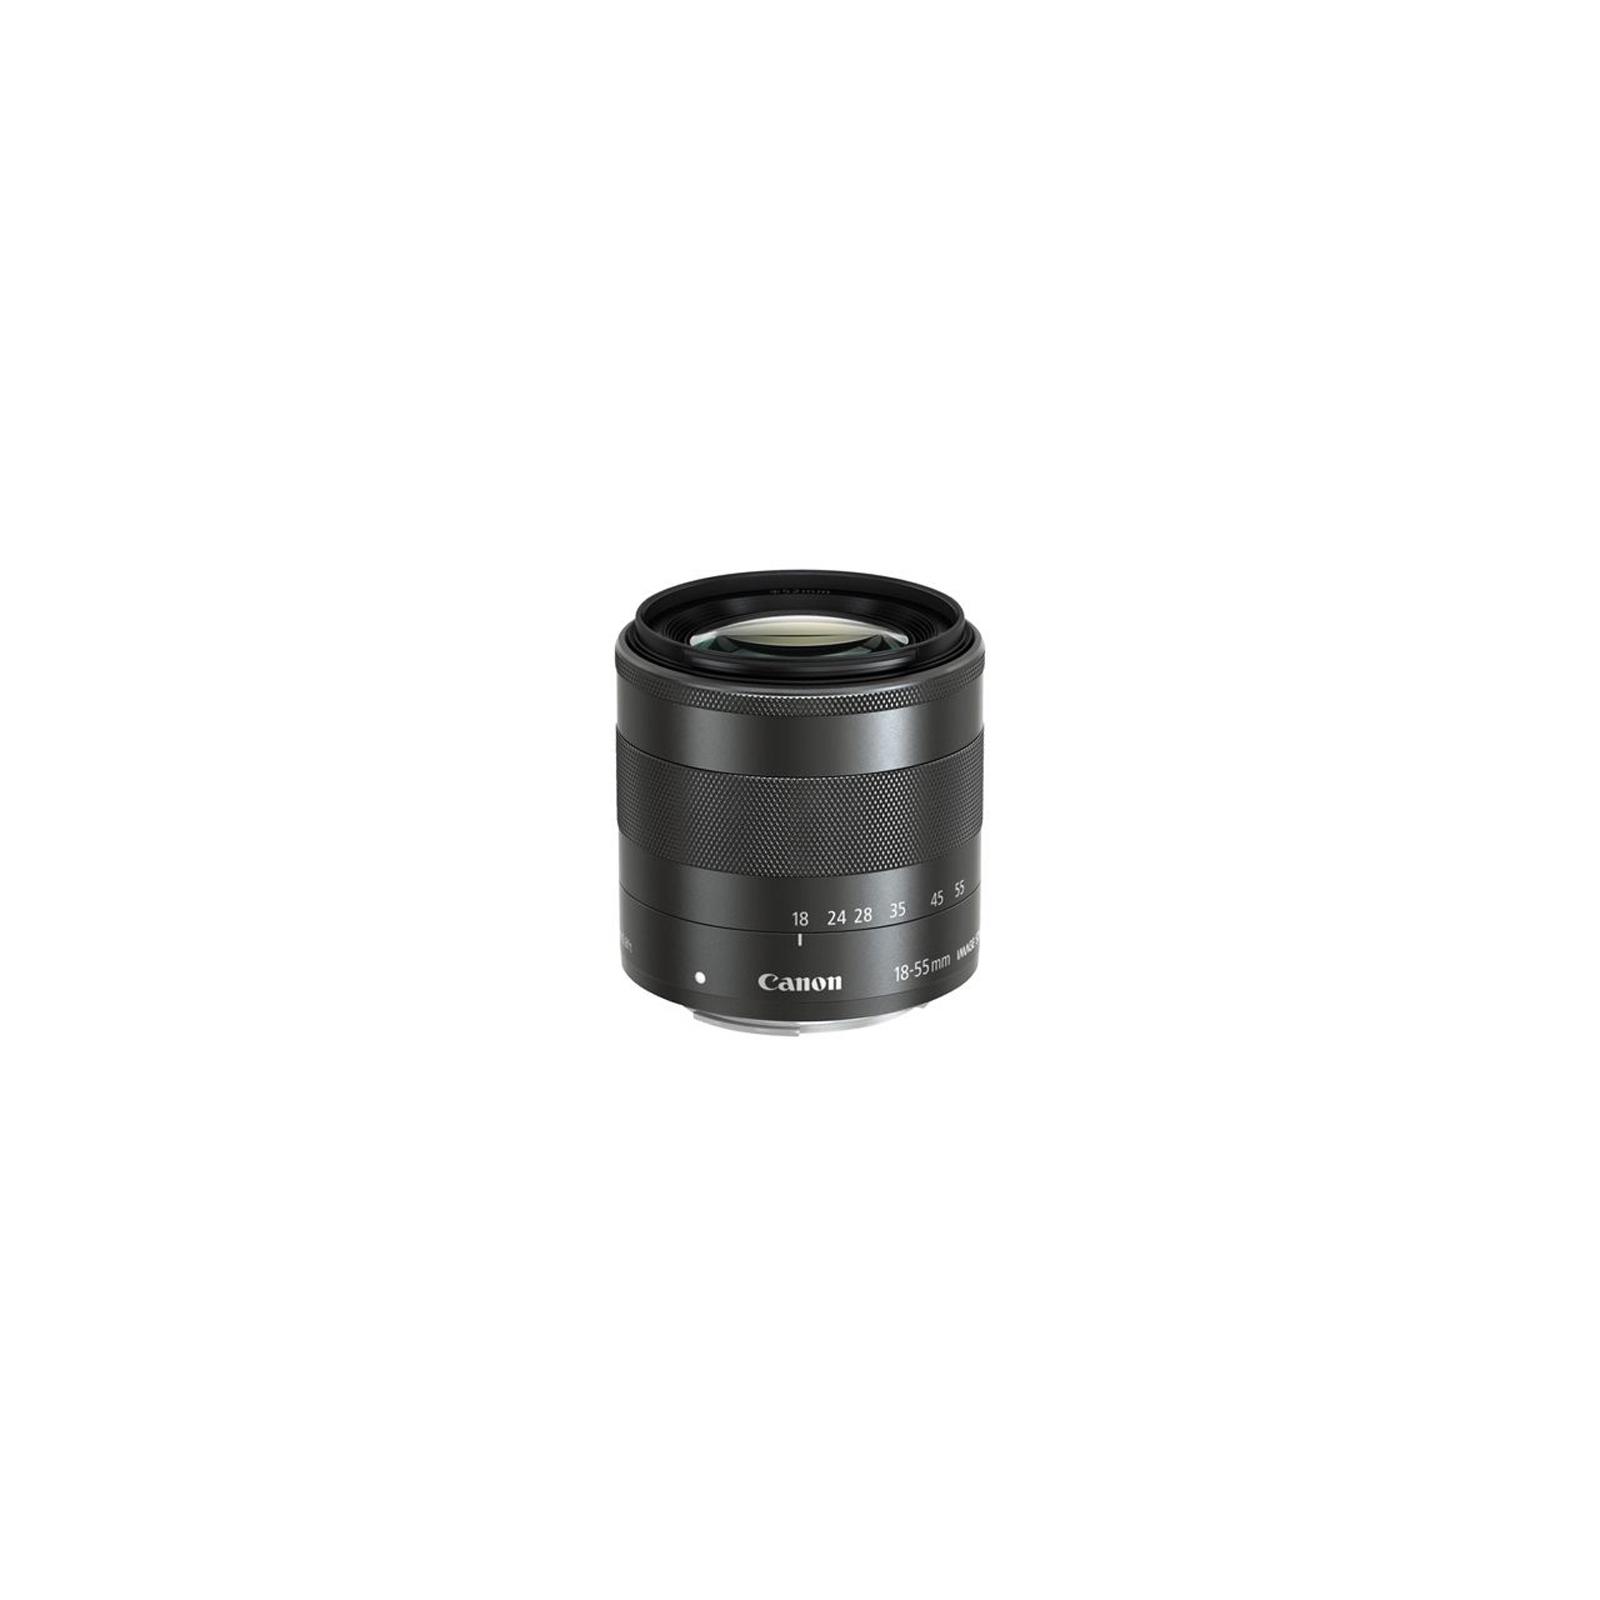 Объектив Canon EF-M 18-55mm f/3.5-5.6 IS STM (5984B005) изображение 4